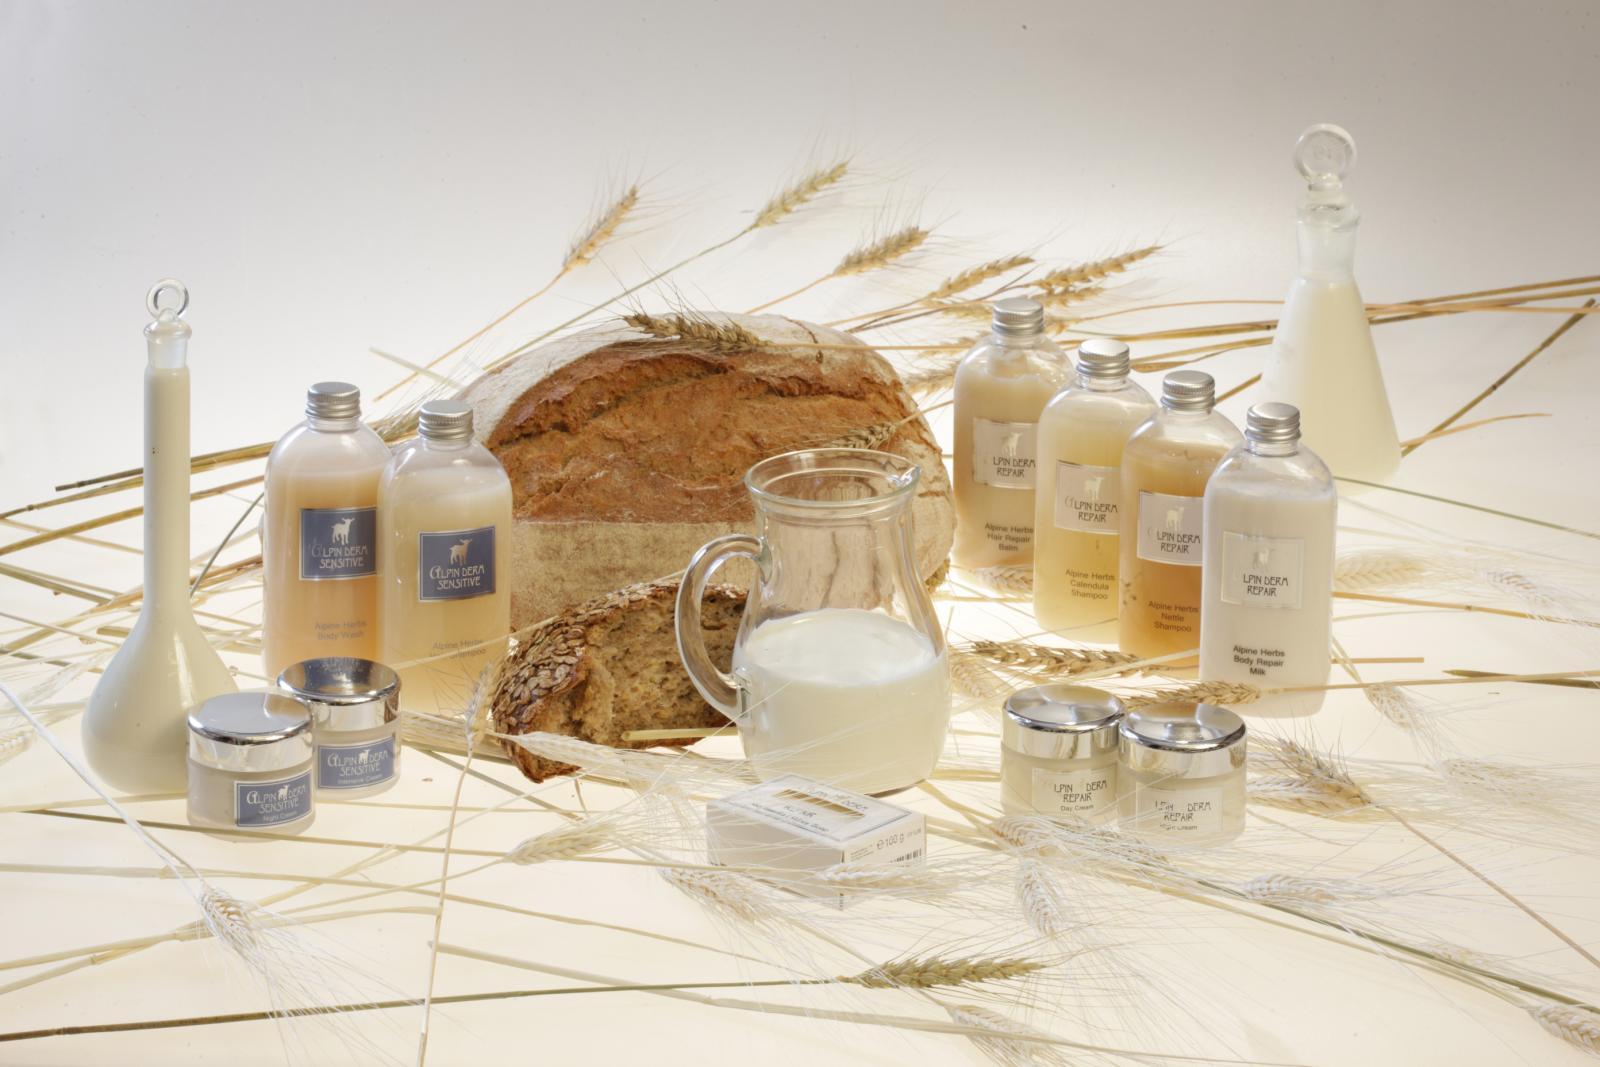 $TYX - природная косметика и эфирные масла, созданные по старинным рецептам, проверенным поколениями! Натуральная красота для современных женщин!